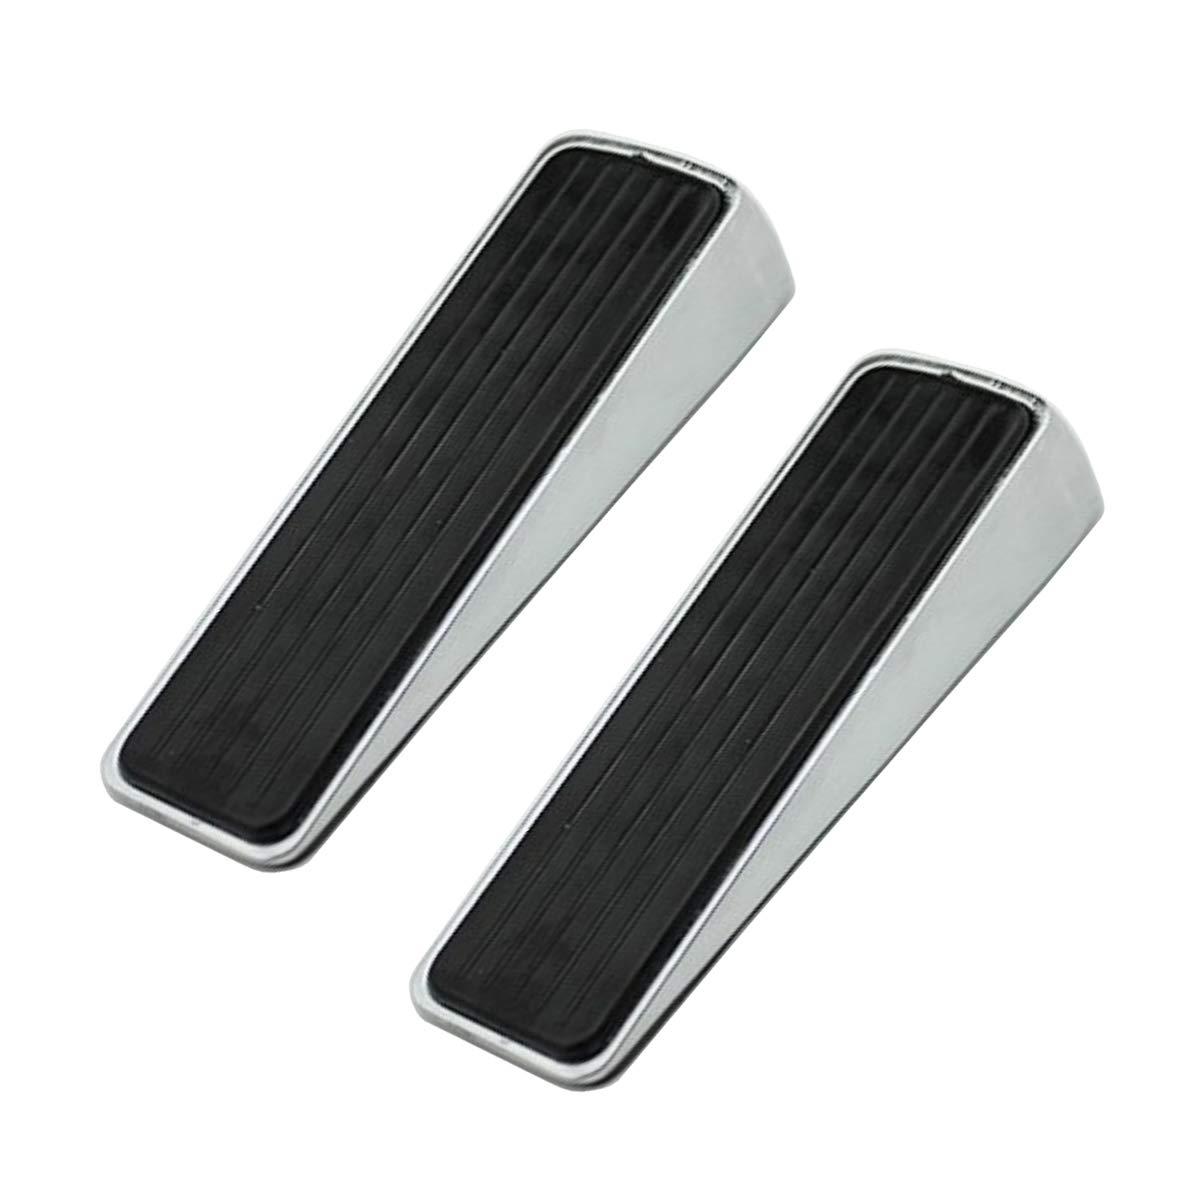 Nicedec 2-Pack Heavy Duty Stainless Steel Door Stoppers with Rubber Bank and Top, non-slip 1.18 Inch high Door Wedge, Door Stop